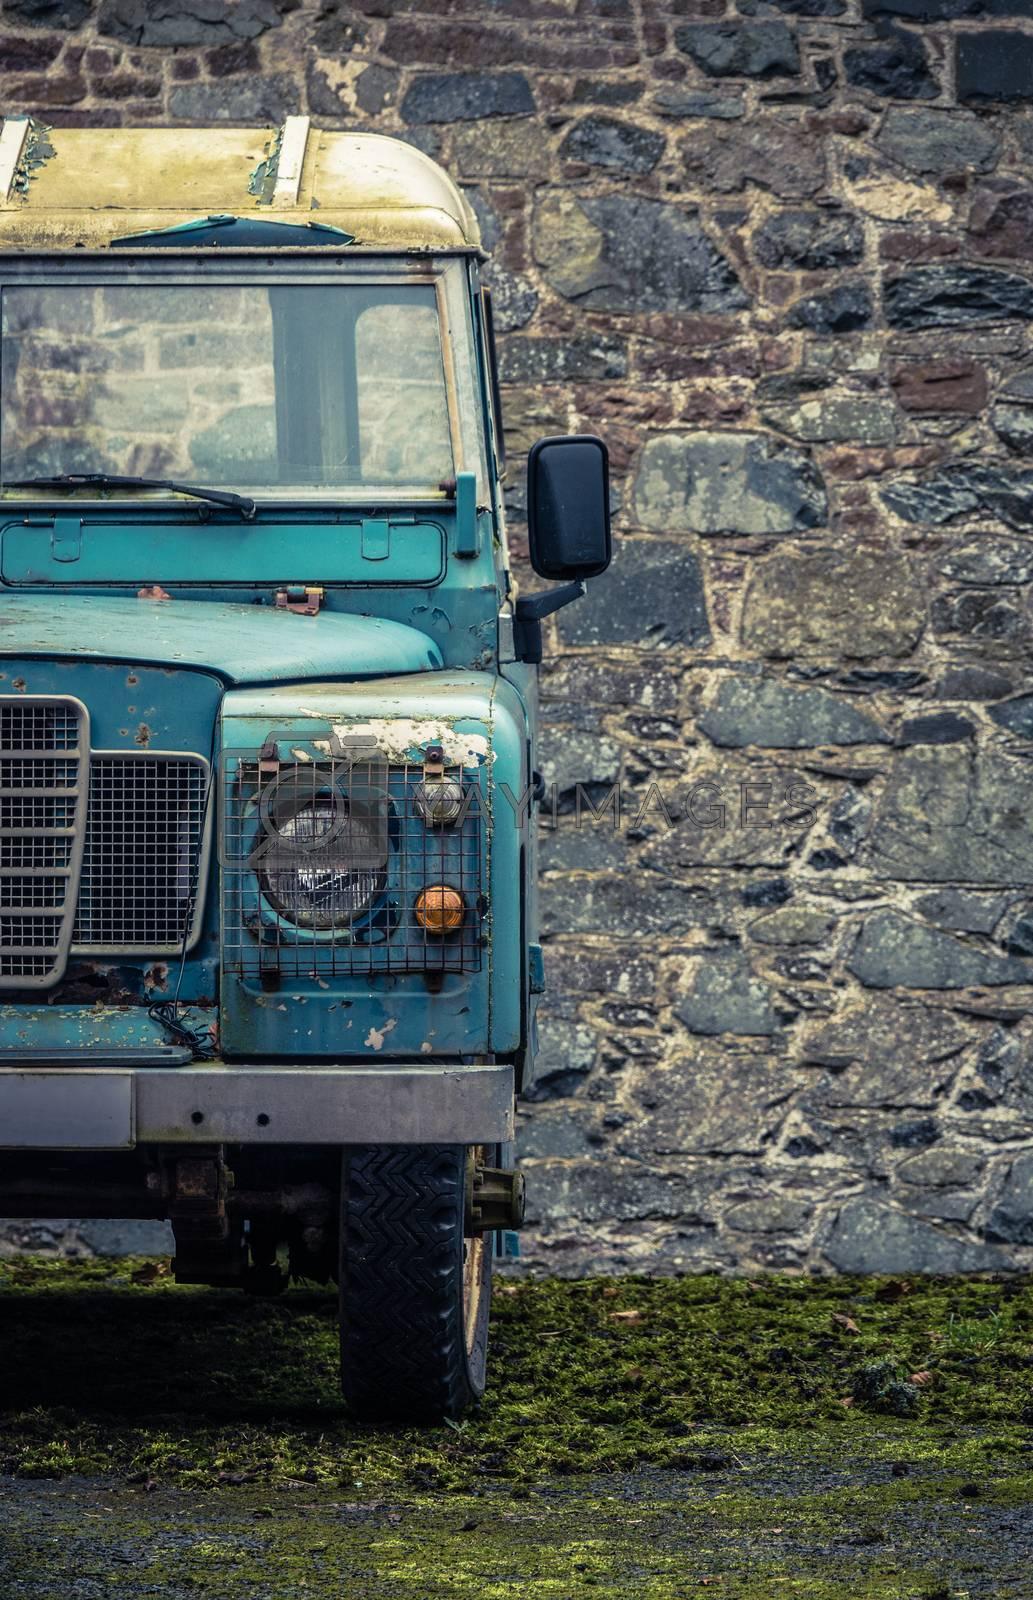 Grungy Farmyard Truck by mrdoomits